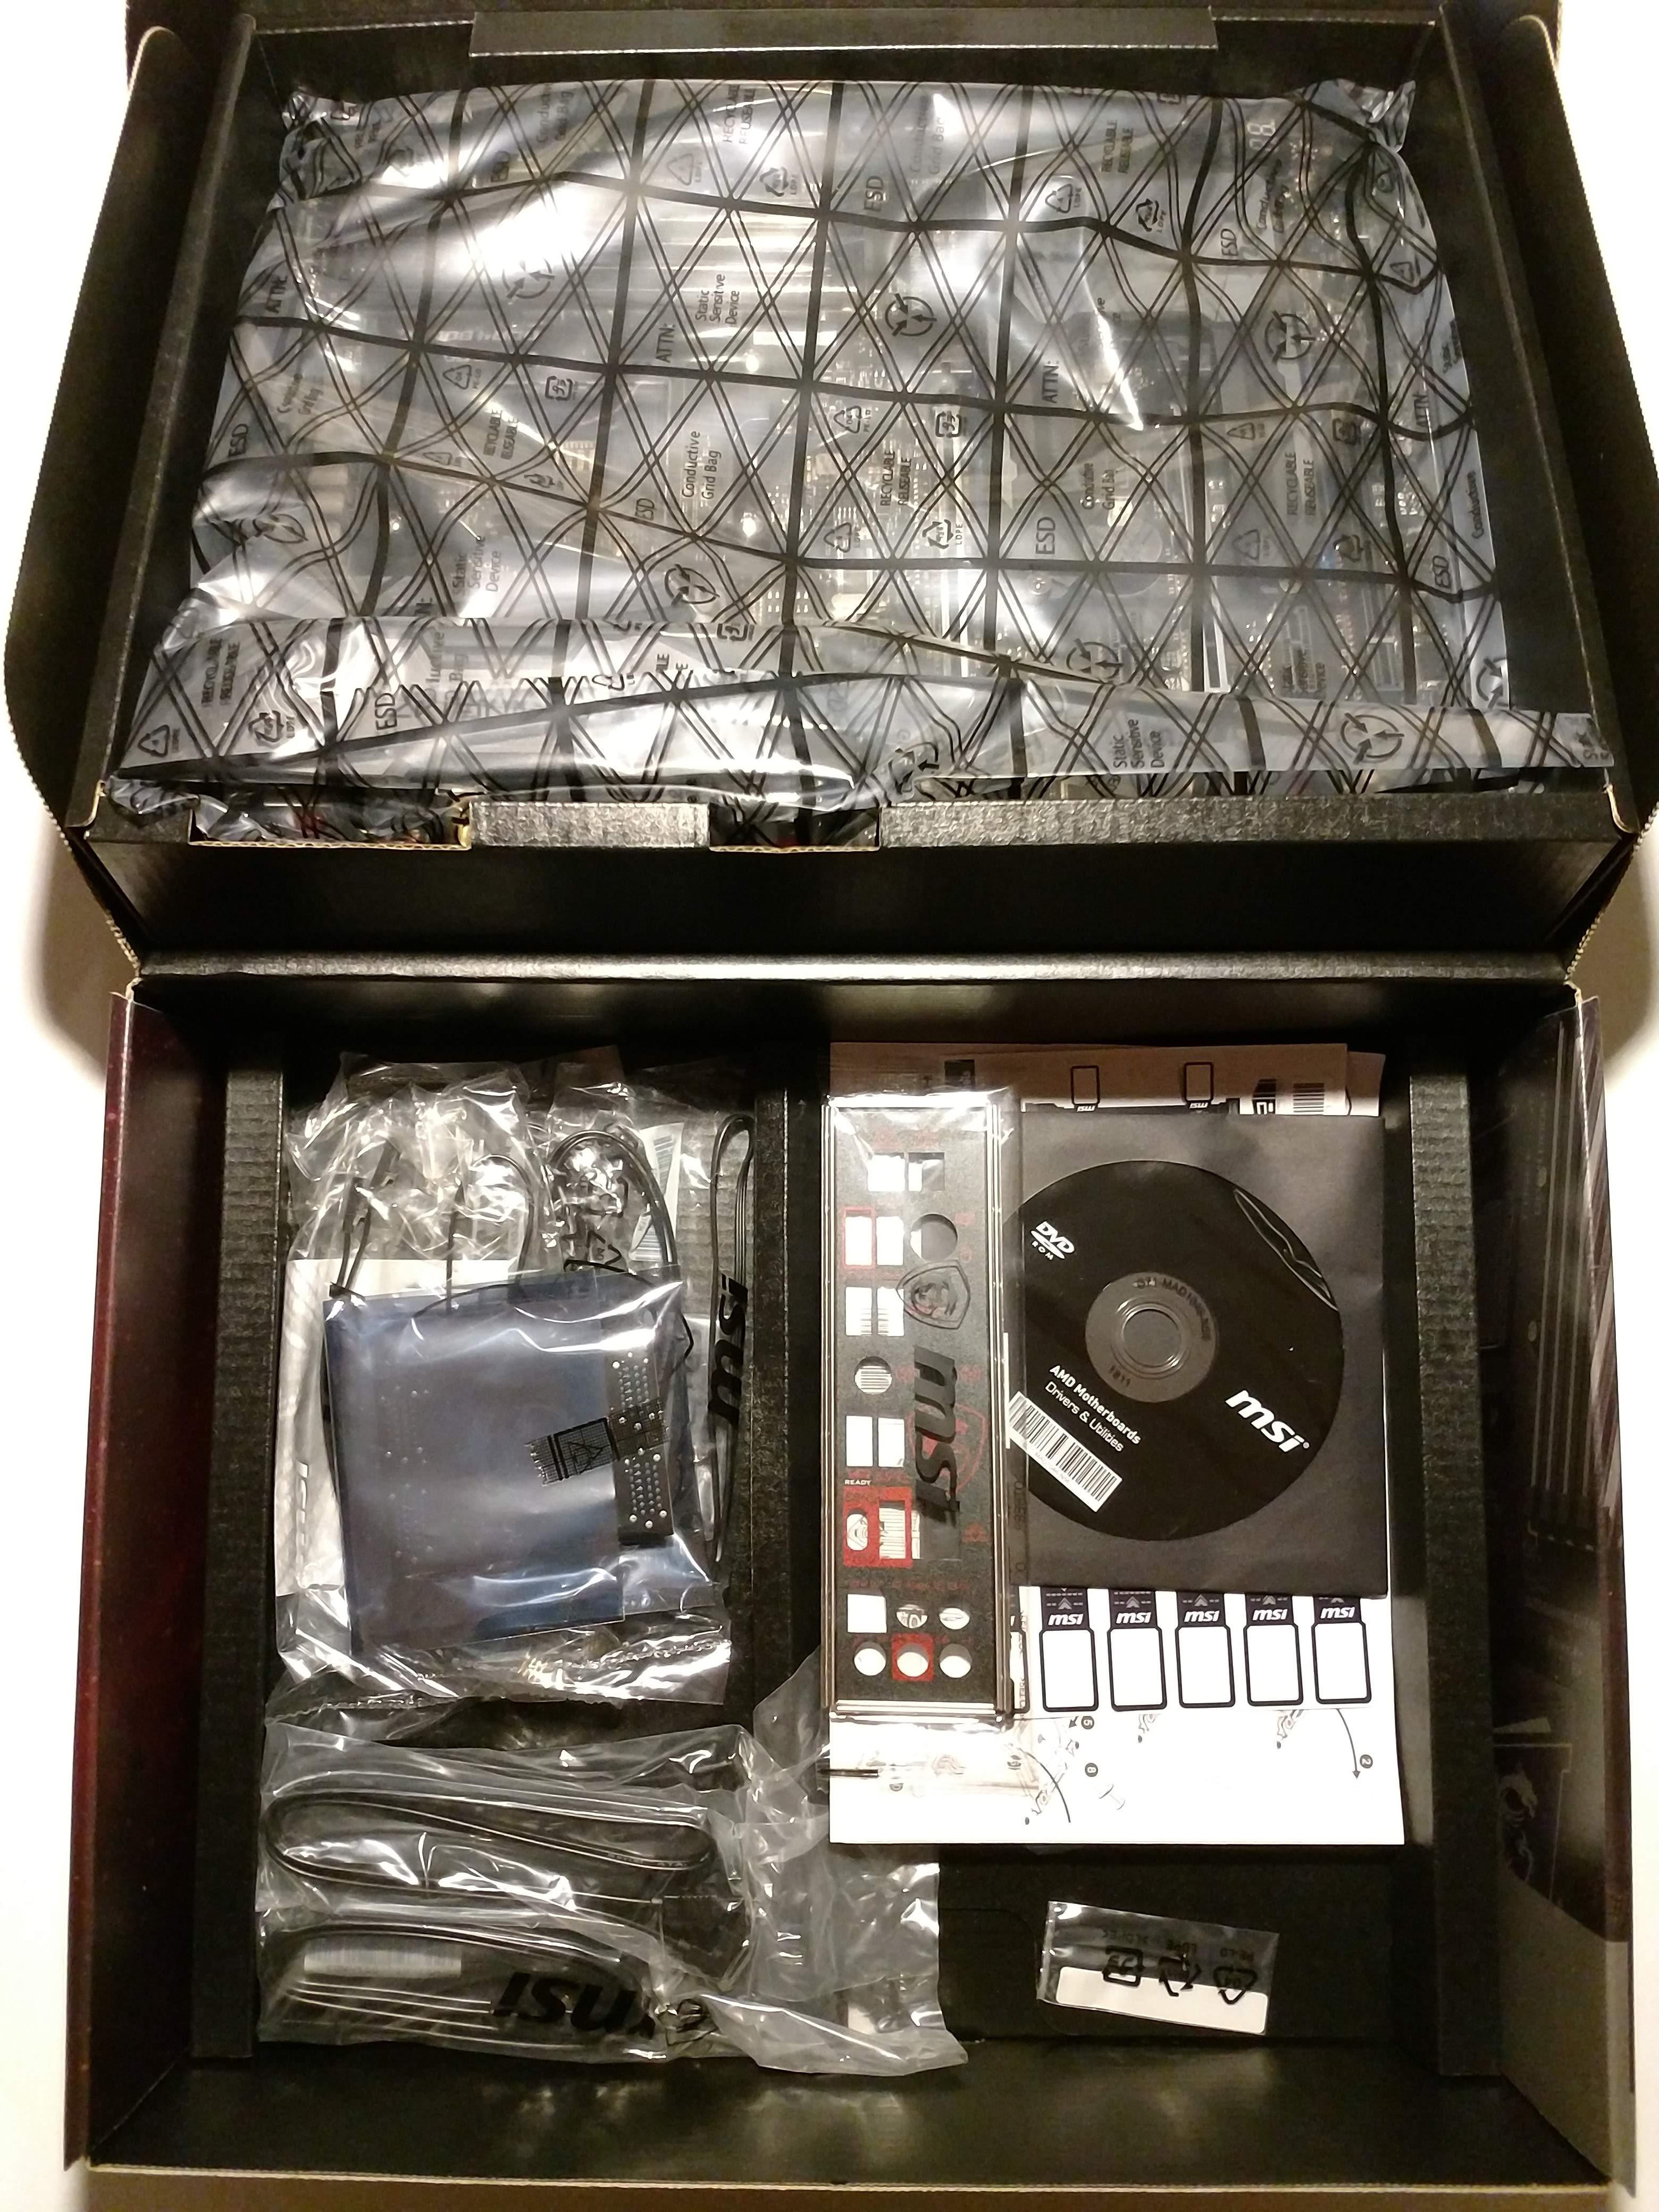 Klicken Sie auf die Grafik für eine größere Ansicht  Name:6. MSI X470 Gaming M7 AC geöffneter Karton mit darunter liegendem Zubehör.jpg Hits:25 Größe:1,70 MB ID:1000577